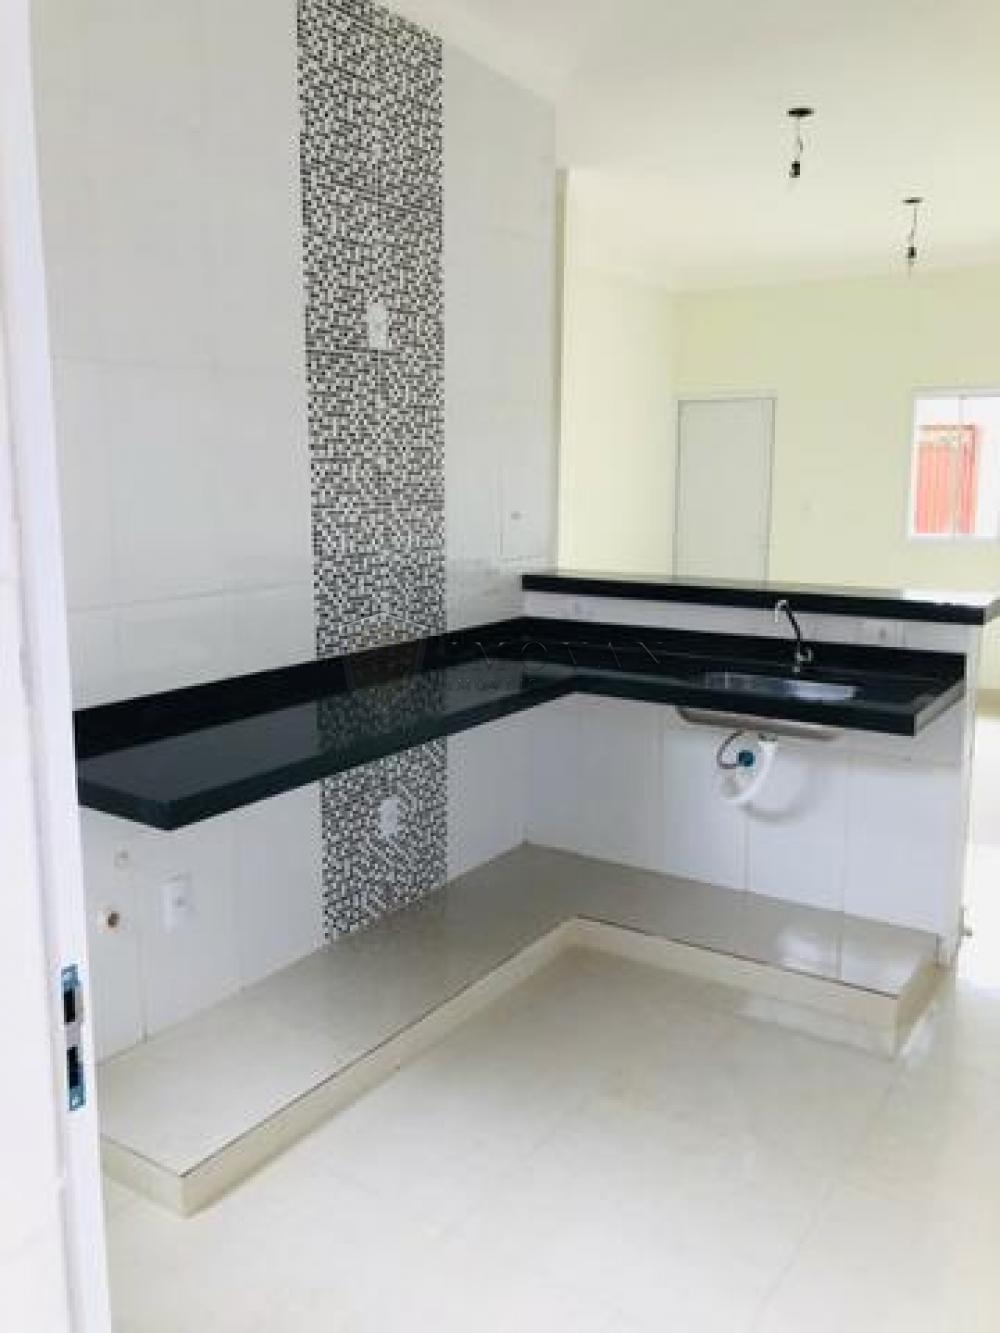 Comprar Casa / Padrão em Bonfim Paulista apenas R$ 250.000,00 - Foto 2